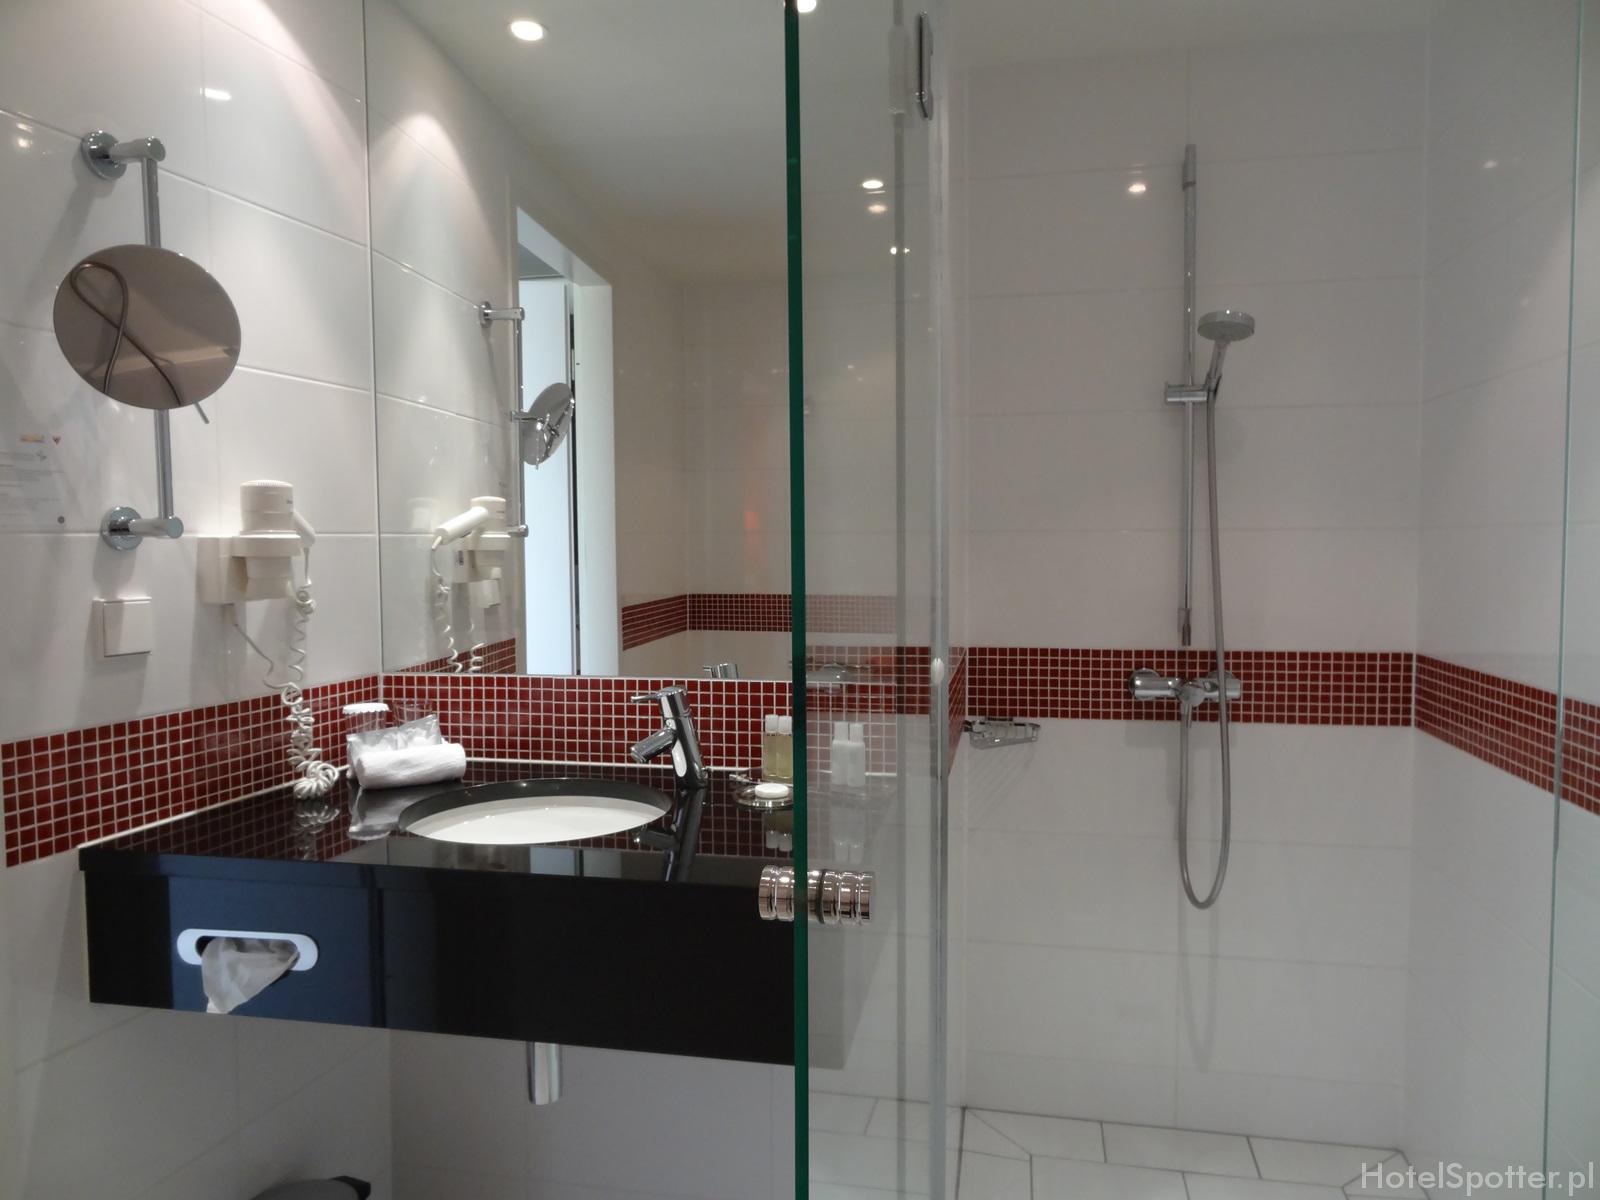 angelo Hotel Katowice - prysznic i umywalka